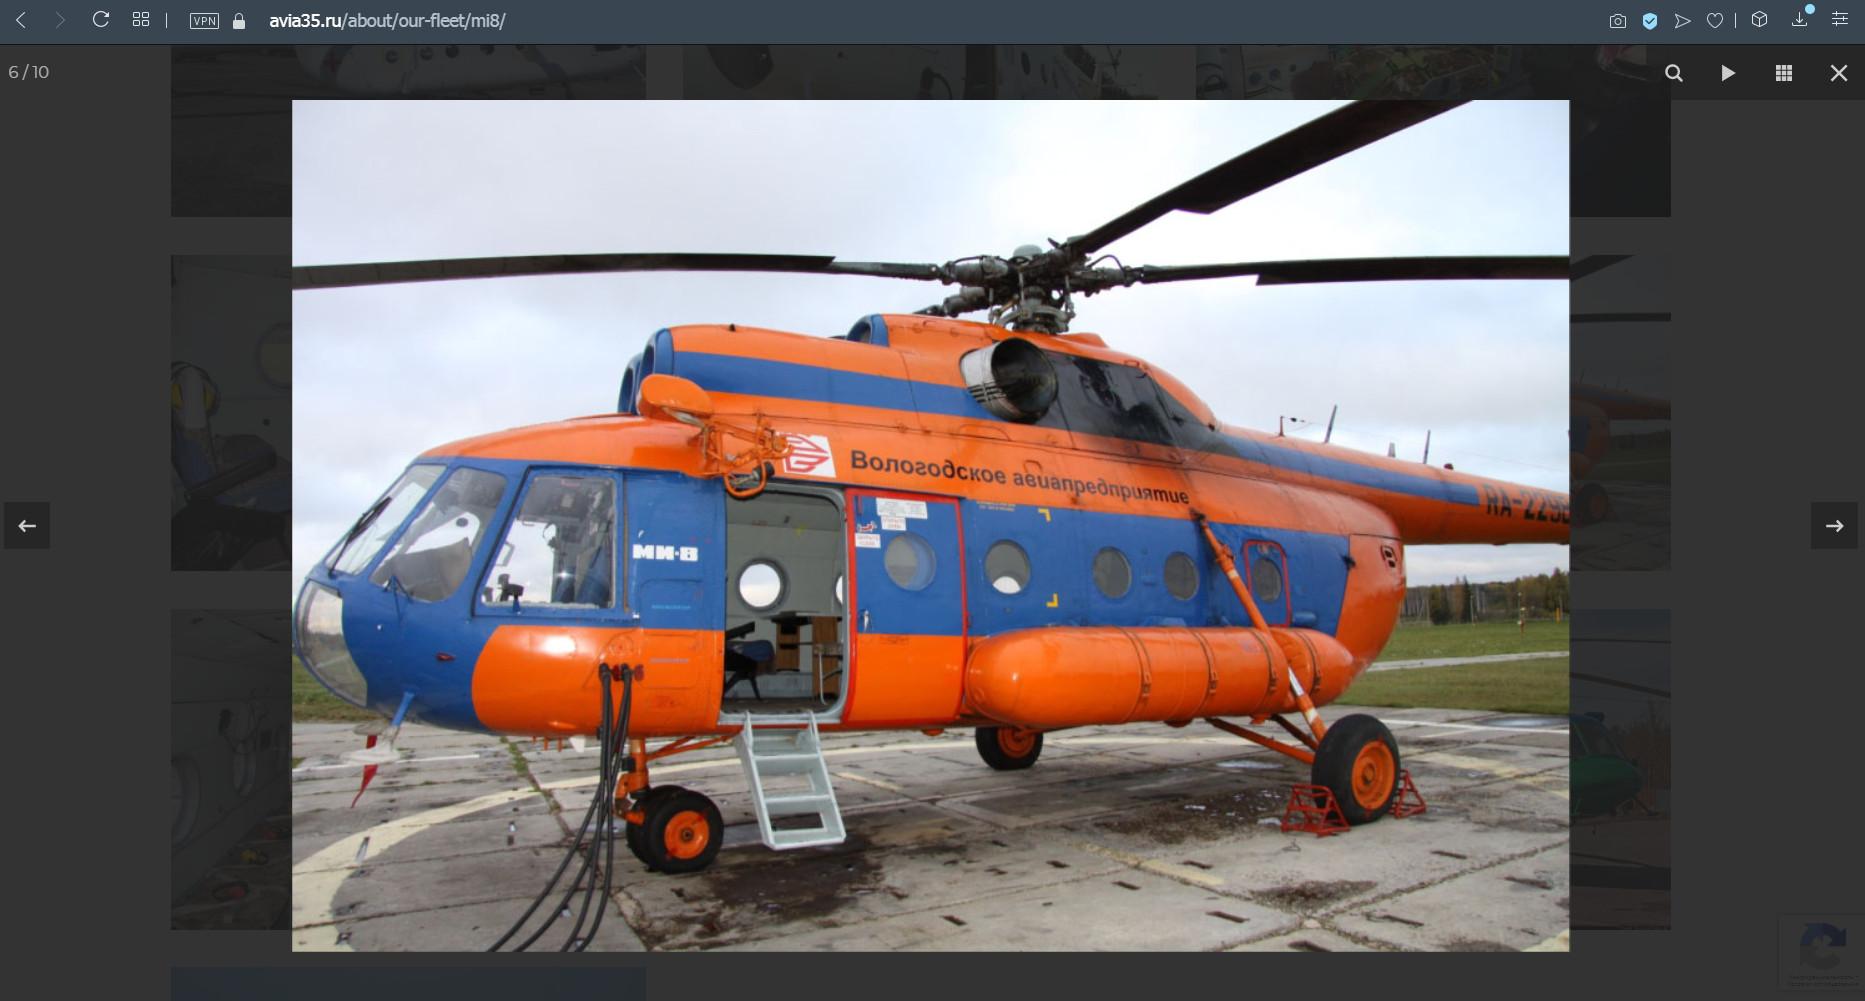 Второй вылетавший в Хибины вертолет тоже не имеет отношения к МЧС, его услуги заказывает Росавиация